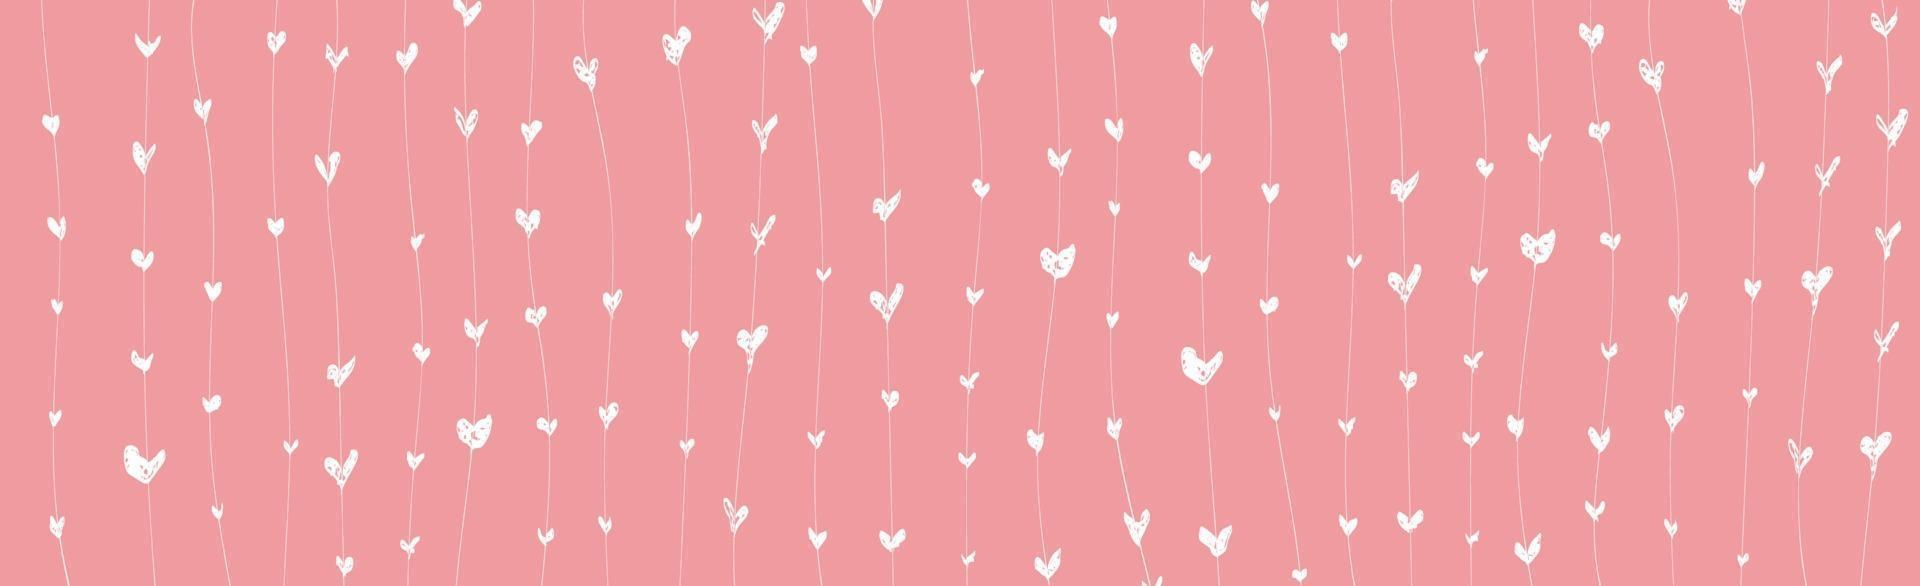 astratto sfondo rosa con cuori dipinti di bianco - illustrazione vettoriale